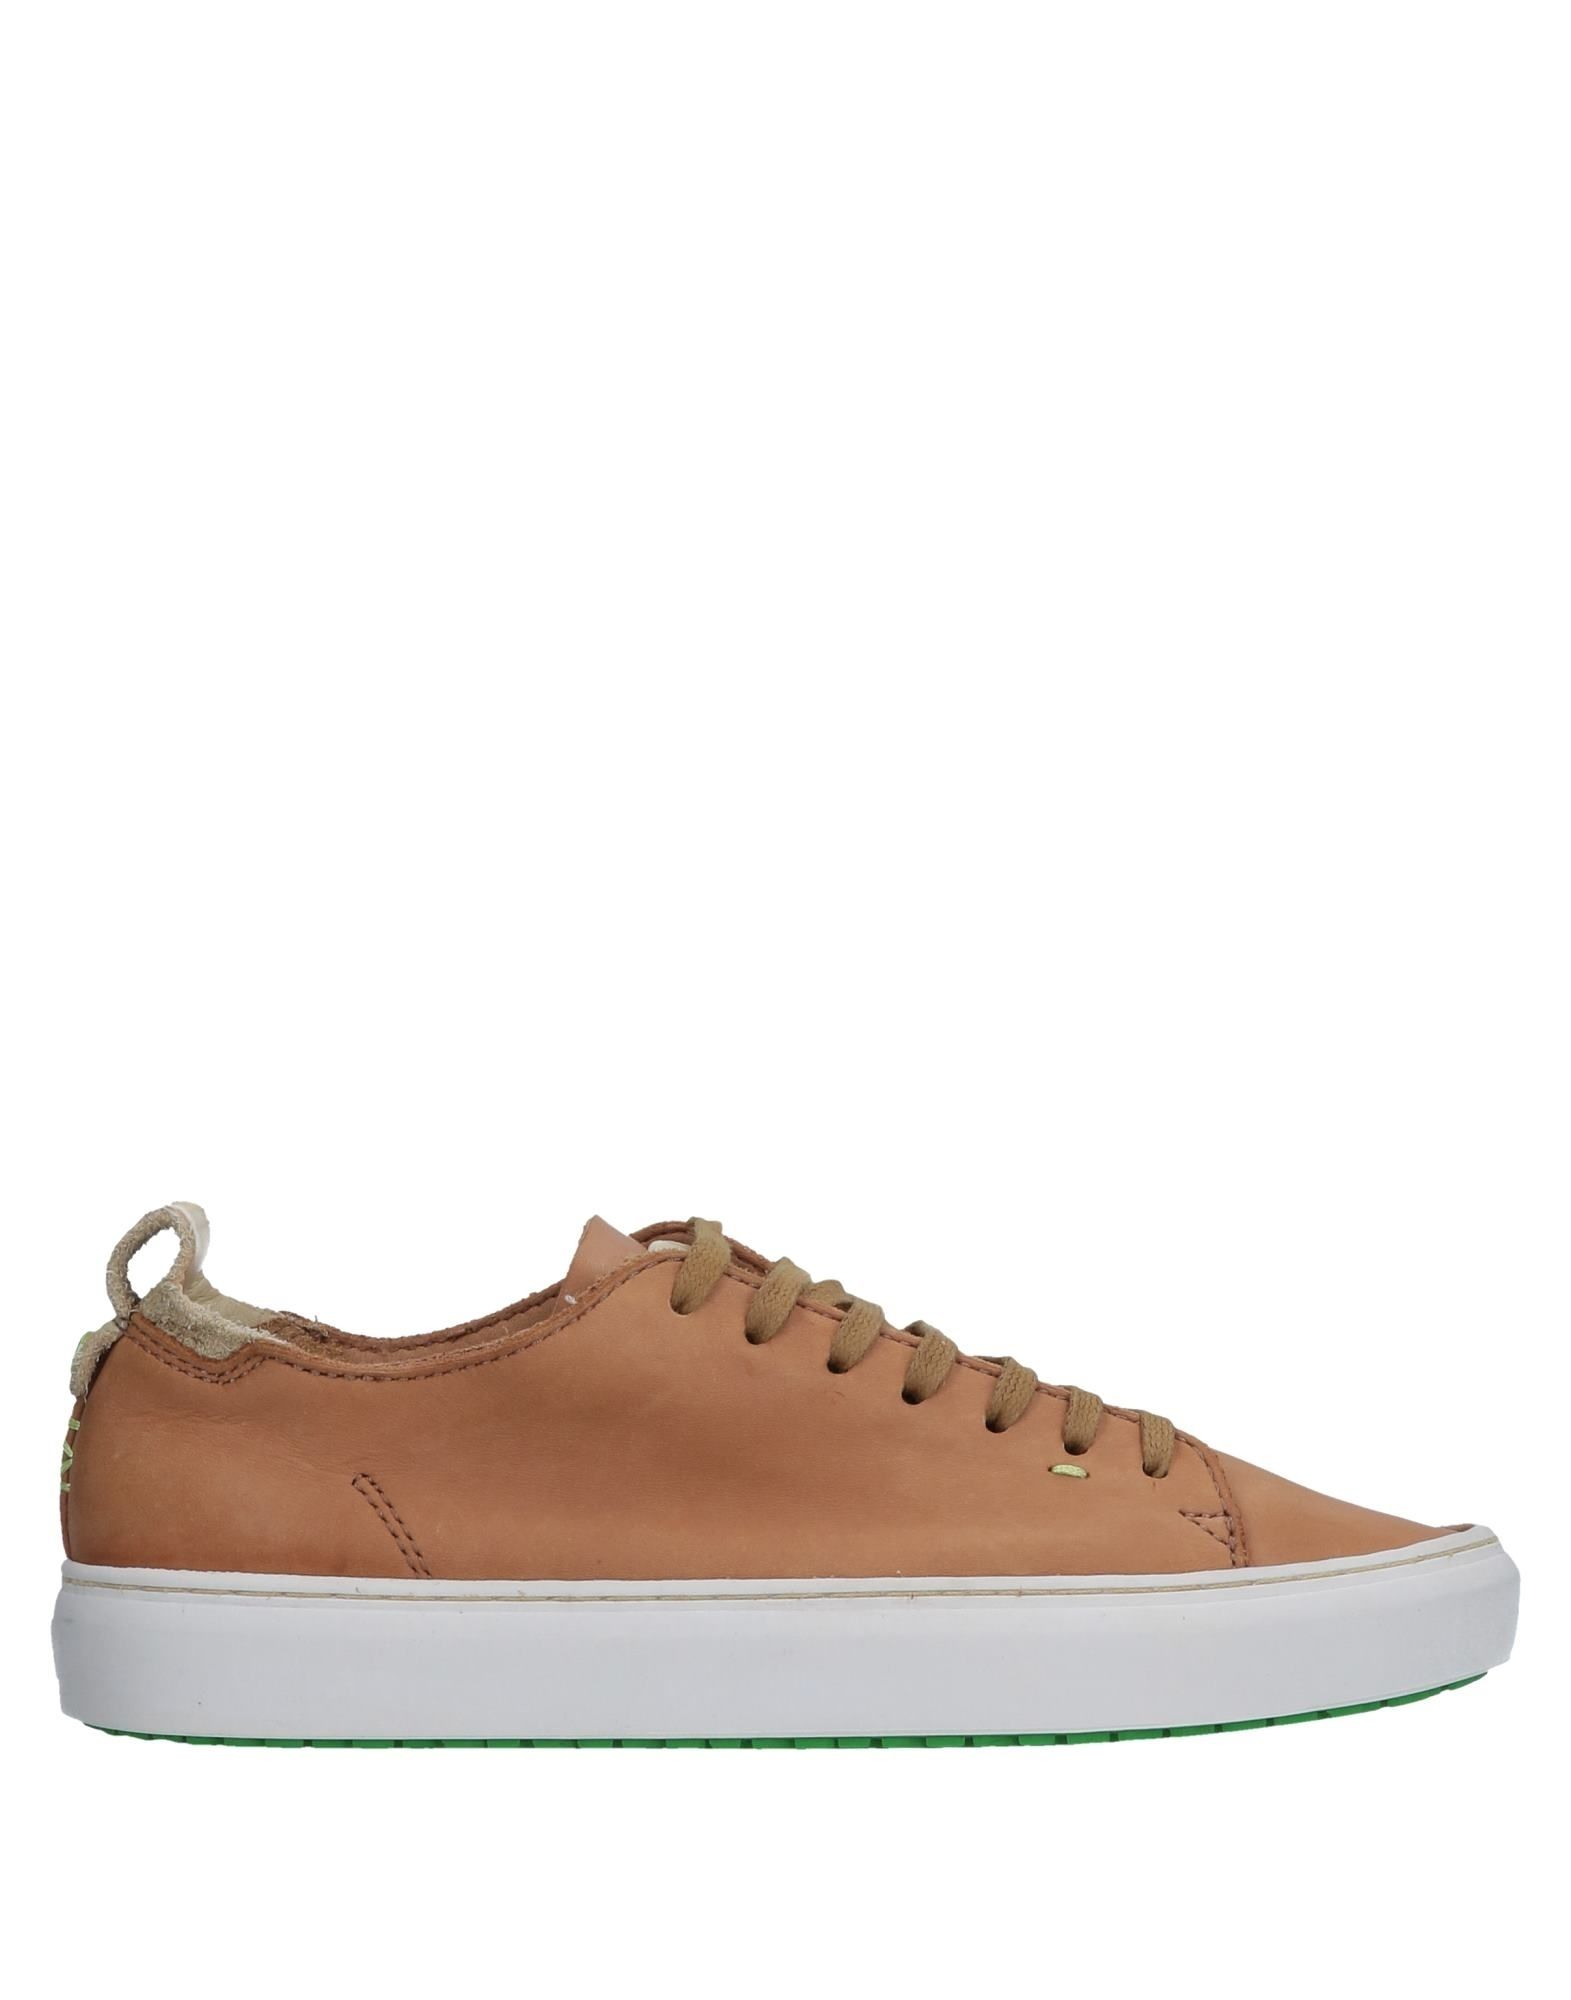 Rabatt echte Schuhe Satorisan Sneakers Herren  11338968QK